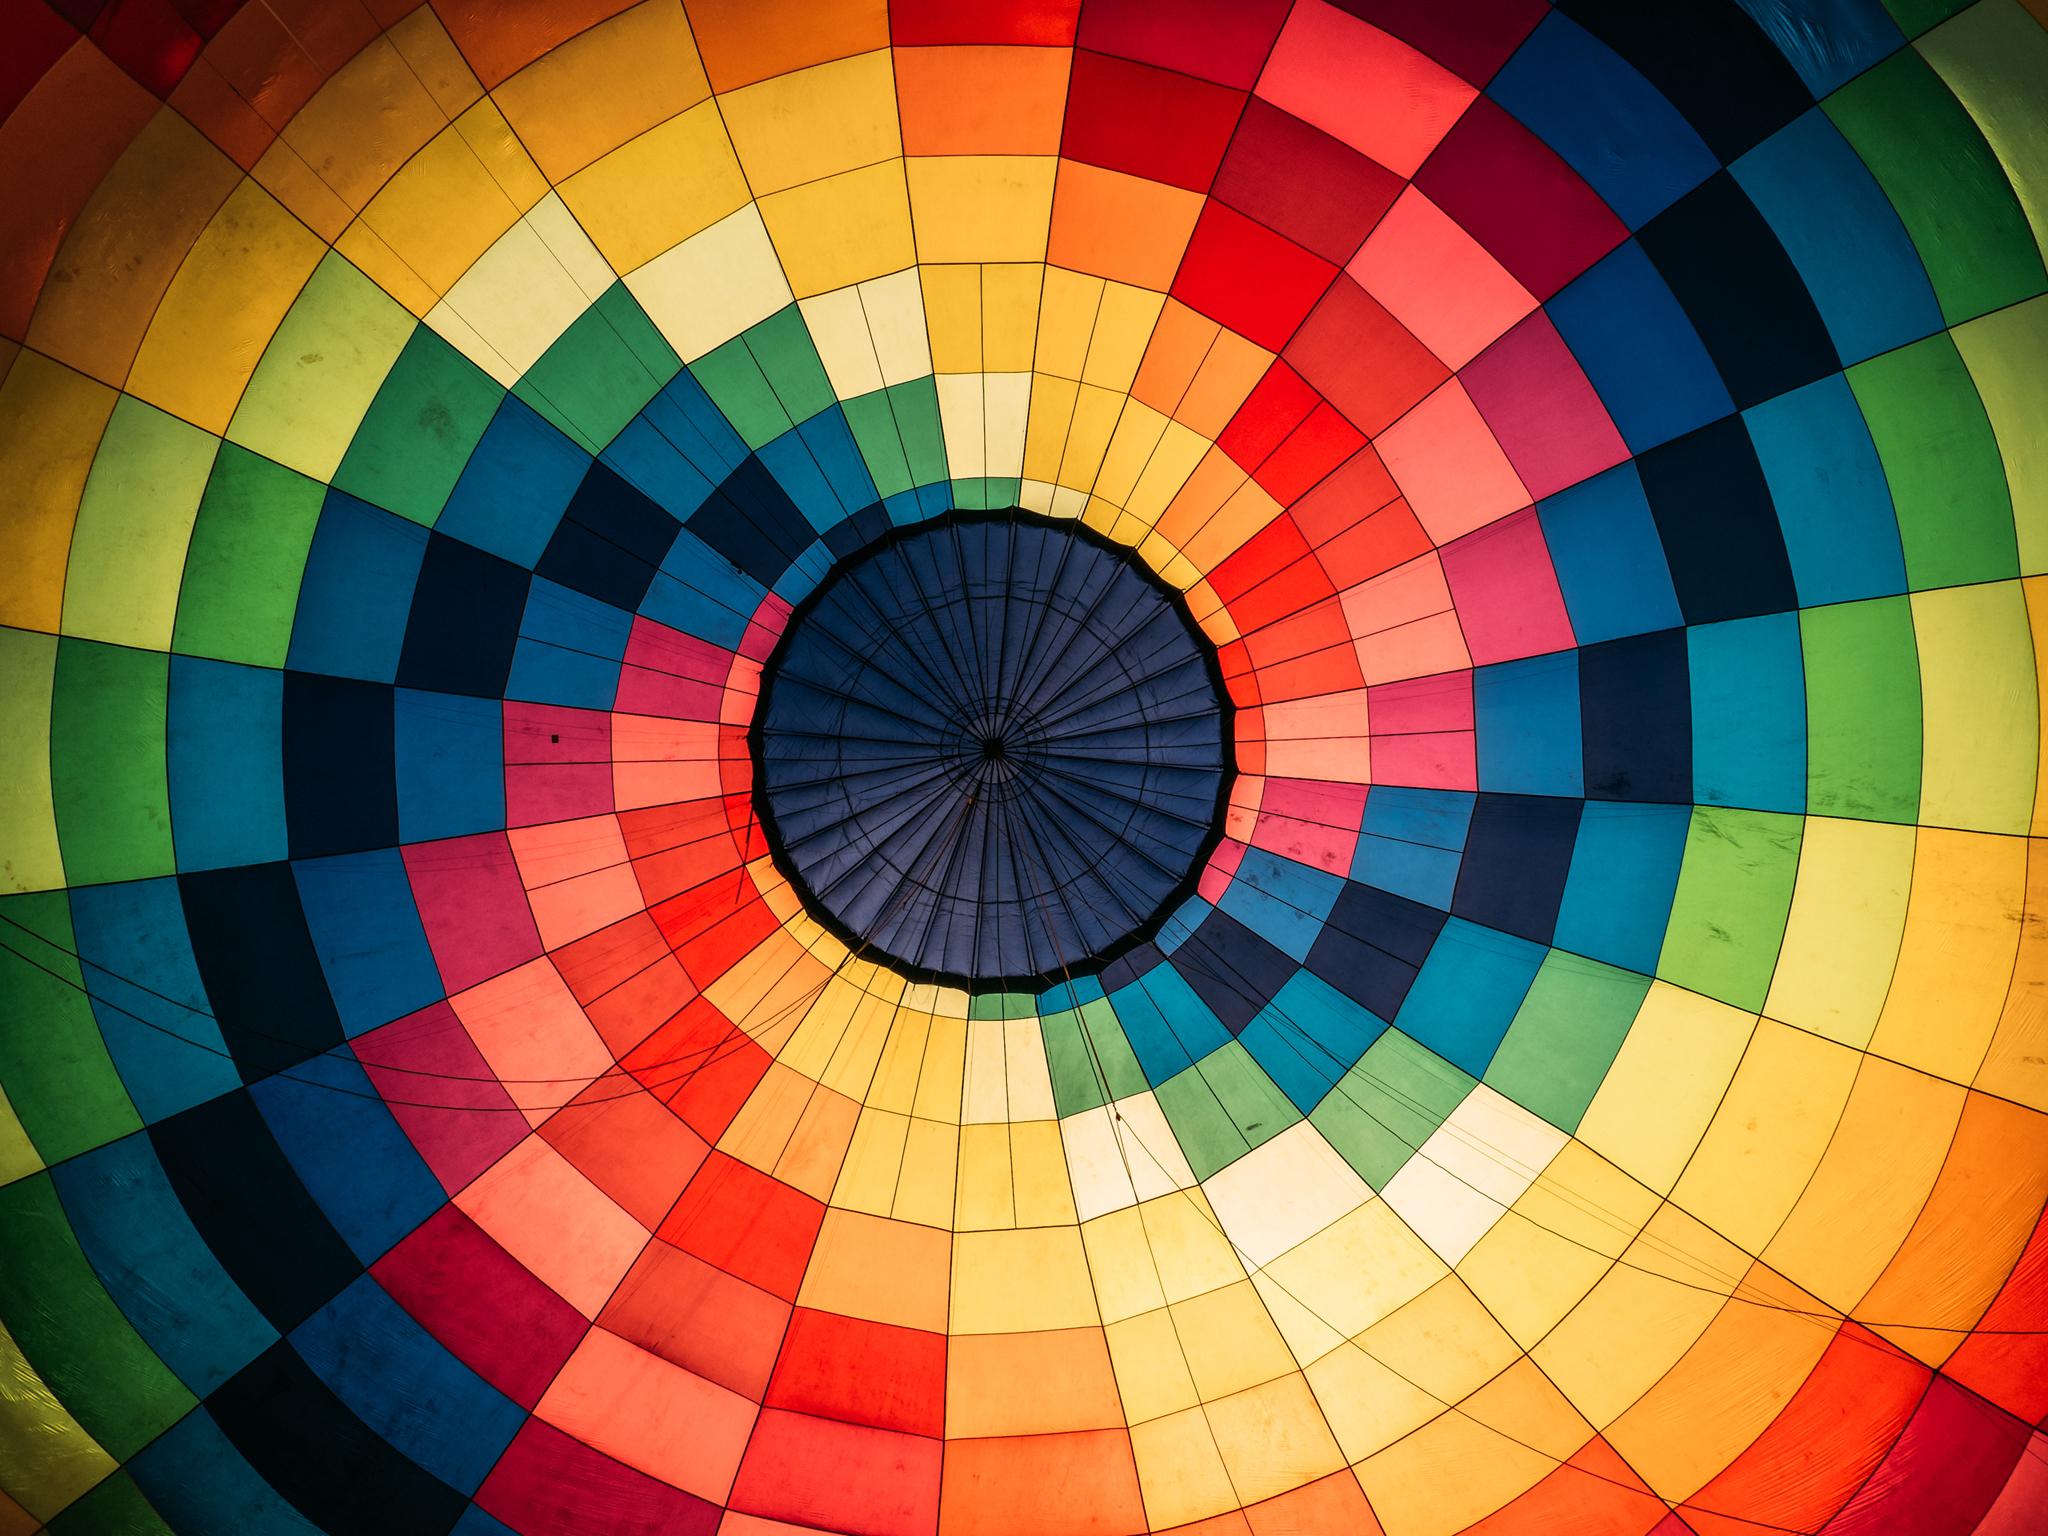 Imagen interior de un globo aerostático